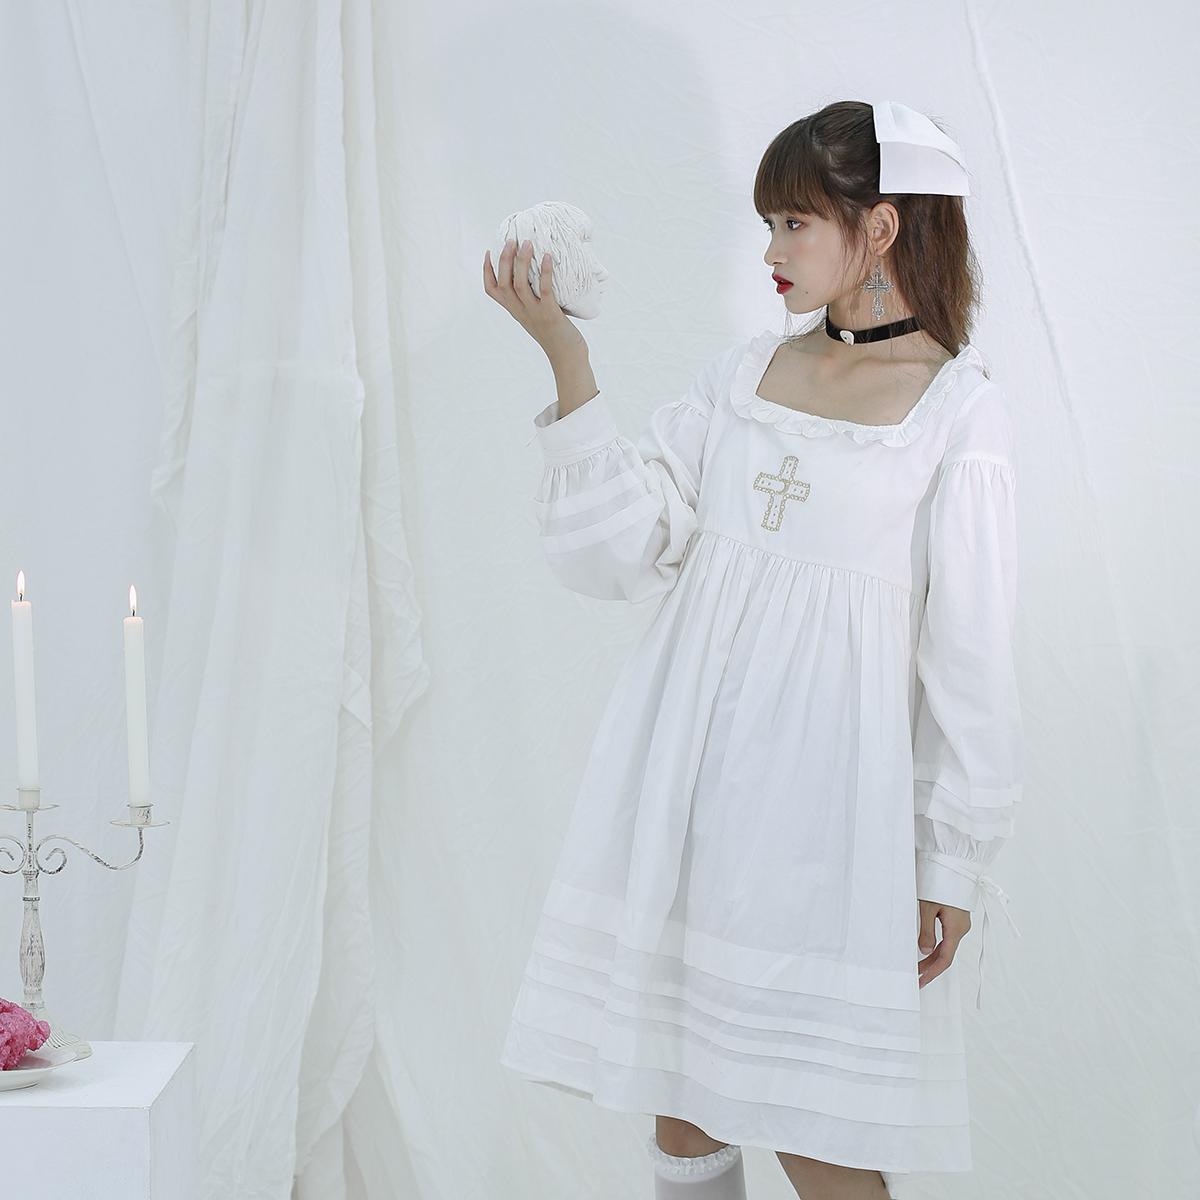 月亮浮士德原创白系带十字架方领法式少女量感褶皱宽松娃娃连衣裙热销22件需要用券